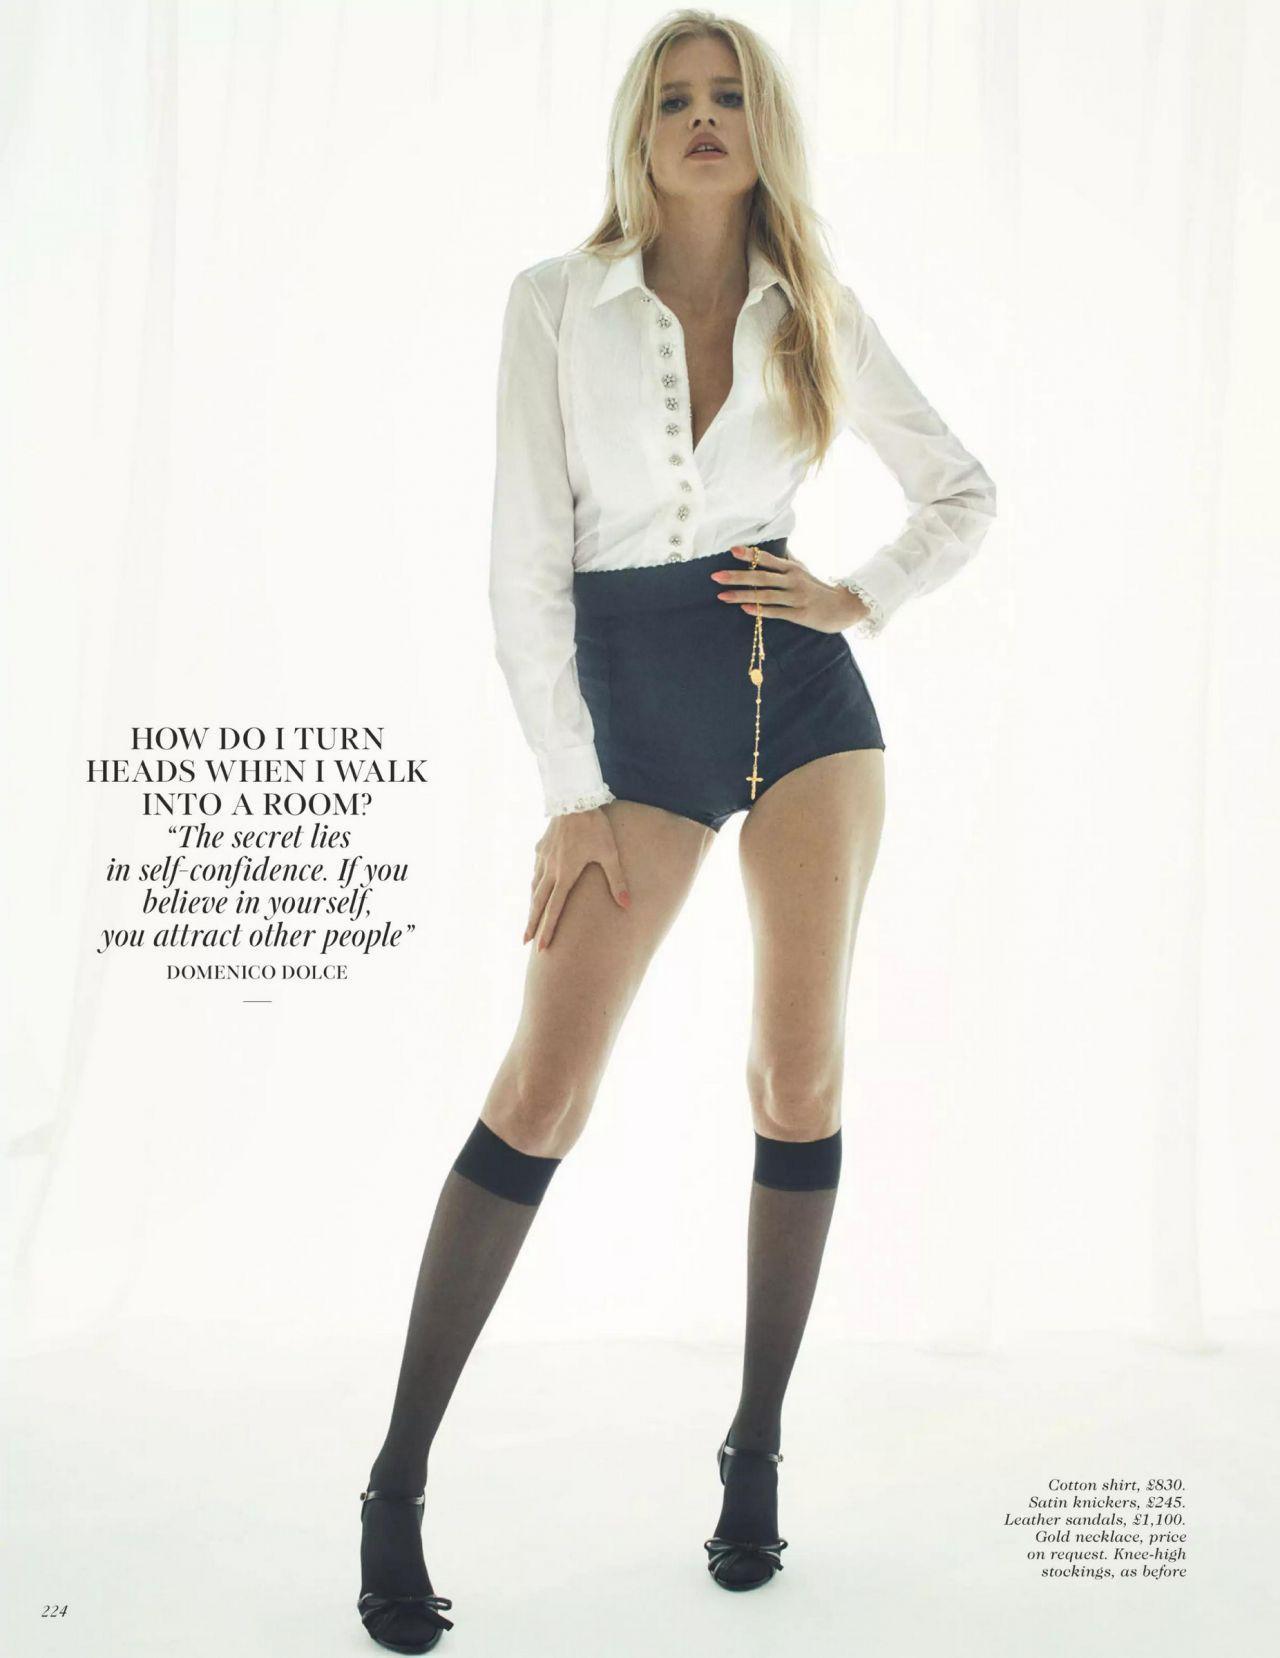 'Siêu mẫu nội y nóng bỏng nhất thế giới' khoe sắc vóc gợi cảm hút hồn trên tạp chí Ảnh 4